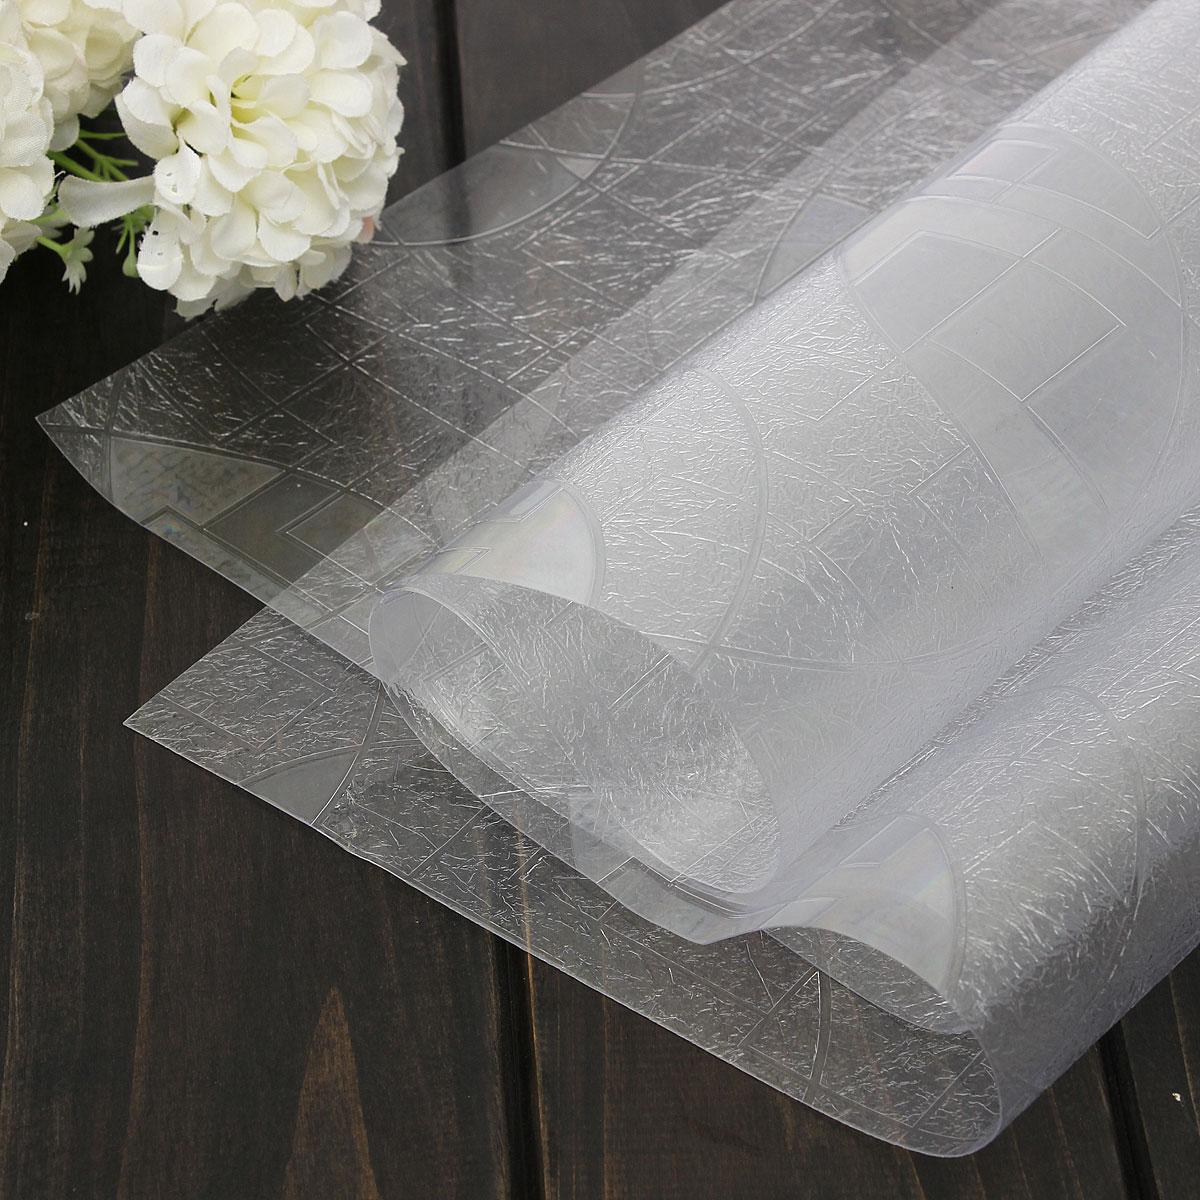 Begehbare Dusche Spritzwasser : Fishzerocom = Dusche Fenster Folie ~ Verschiedene DesignInspiration